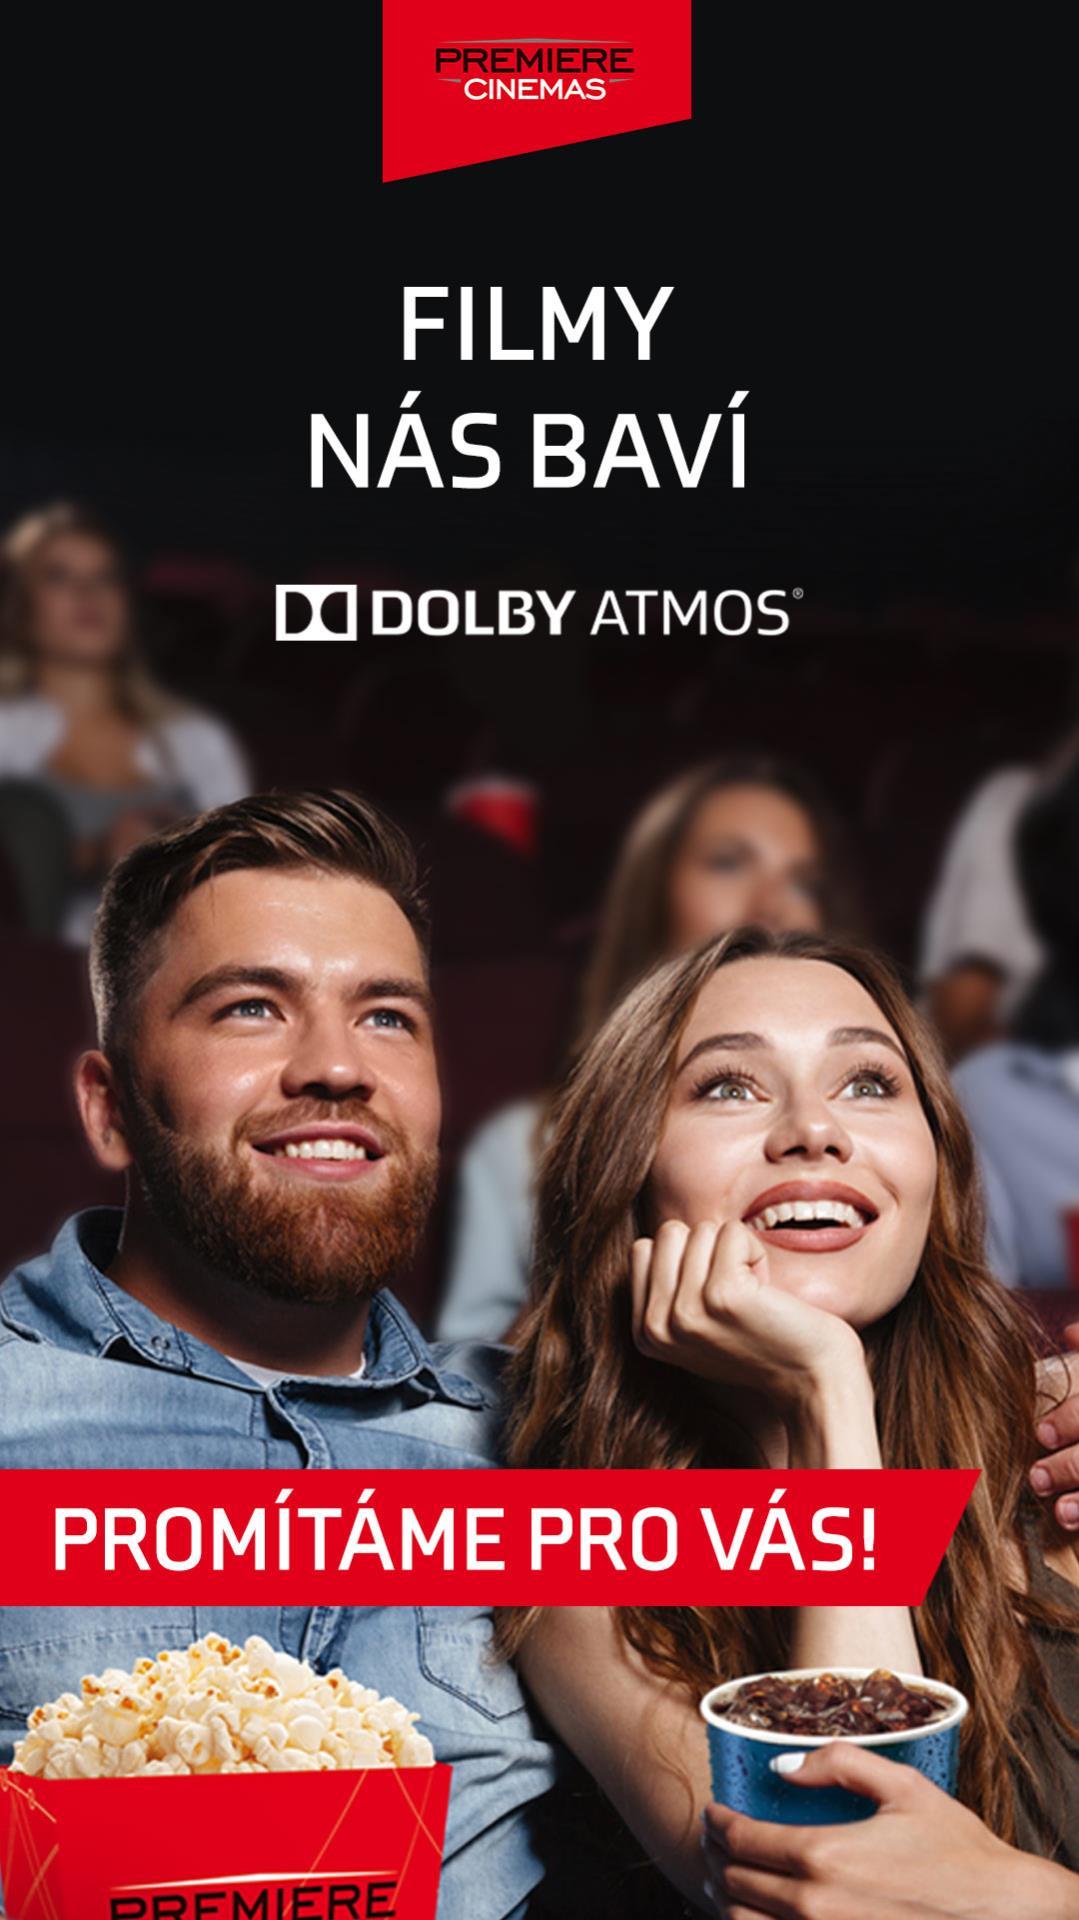 Kino Premiere Cinemas